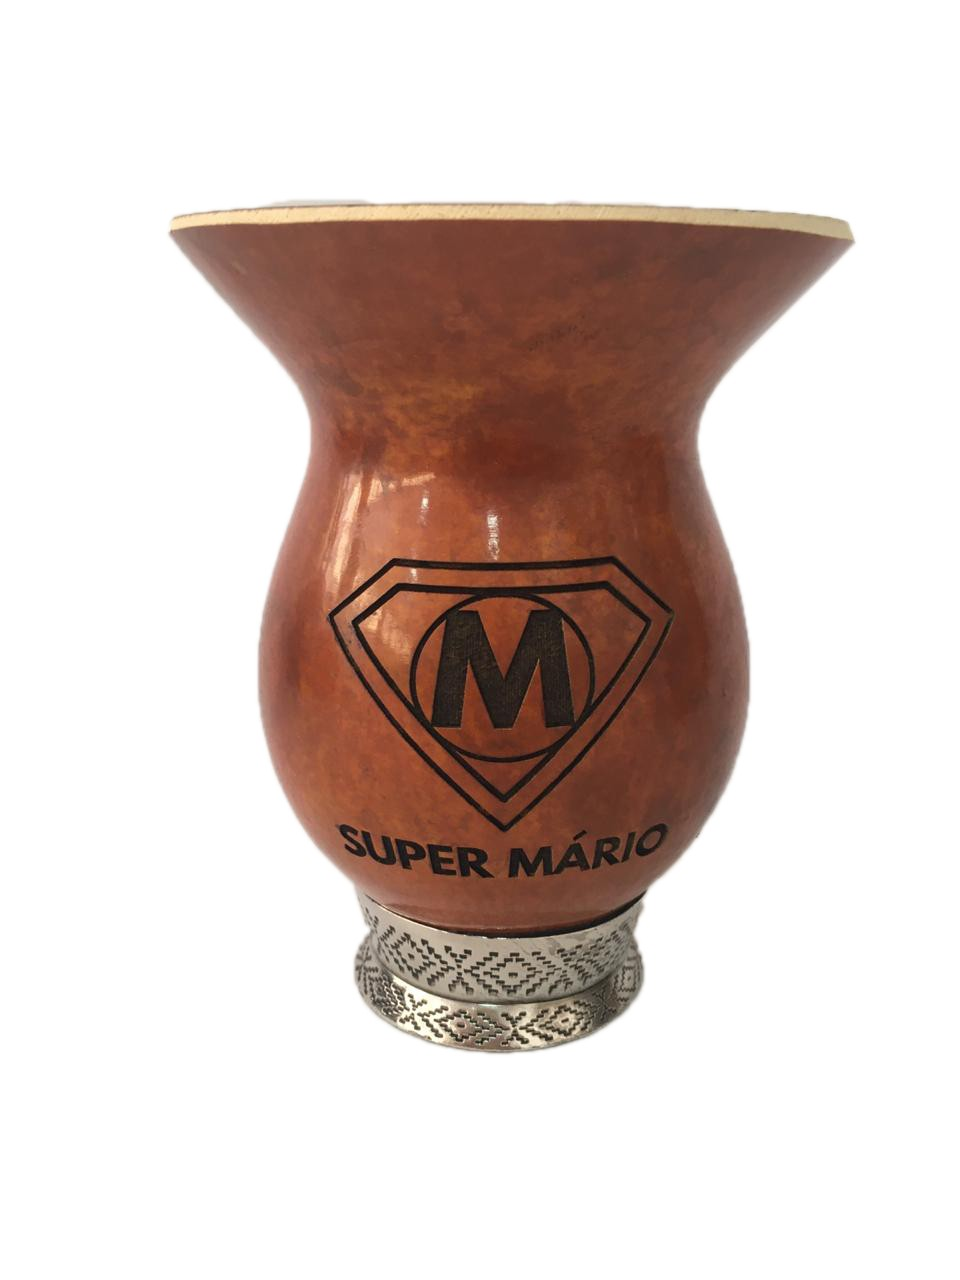 Cuia porongo pé metal personalizada com sua logo